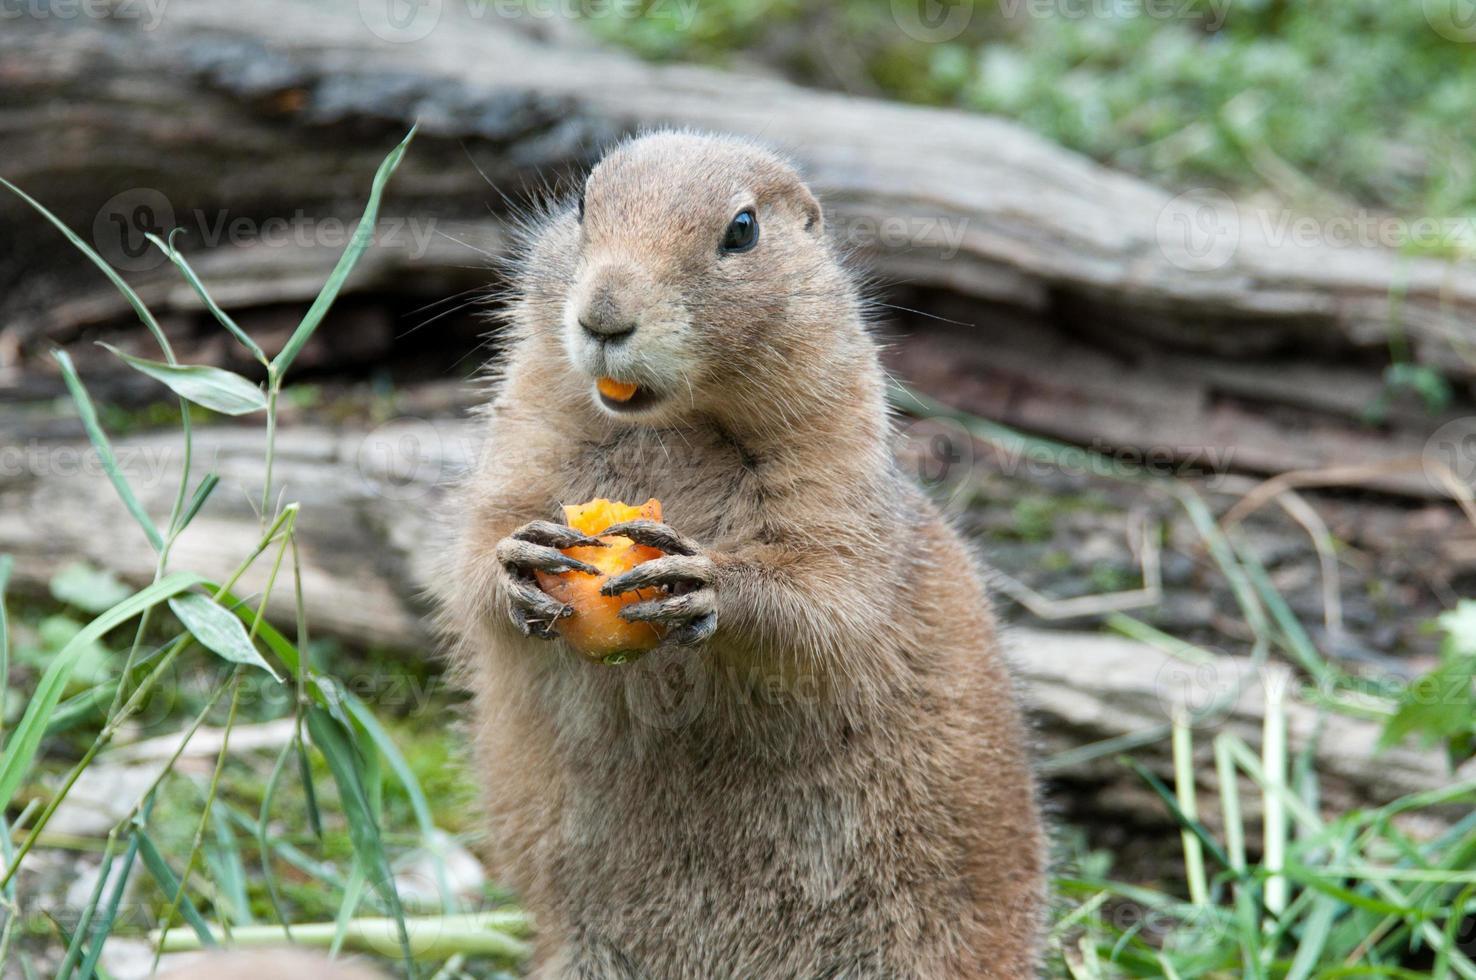 marmotta con coda nera che mangia una carota foto